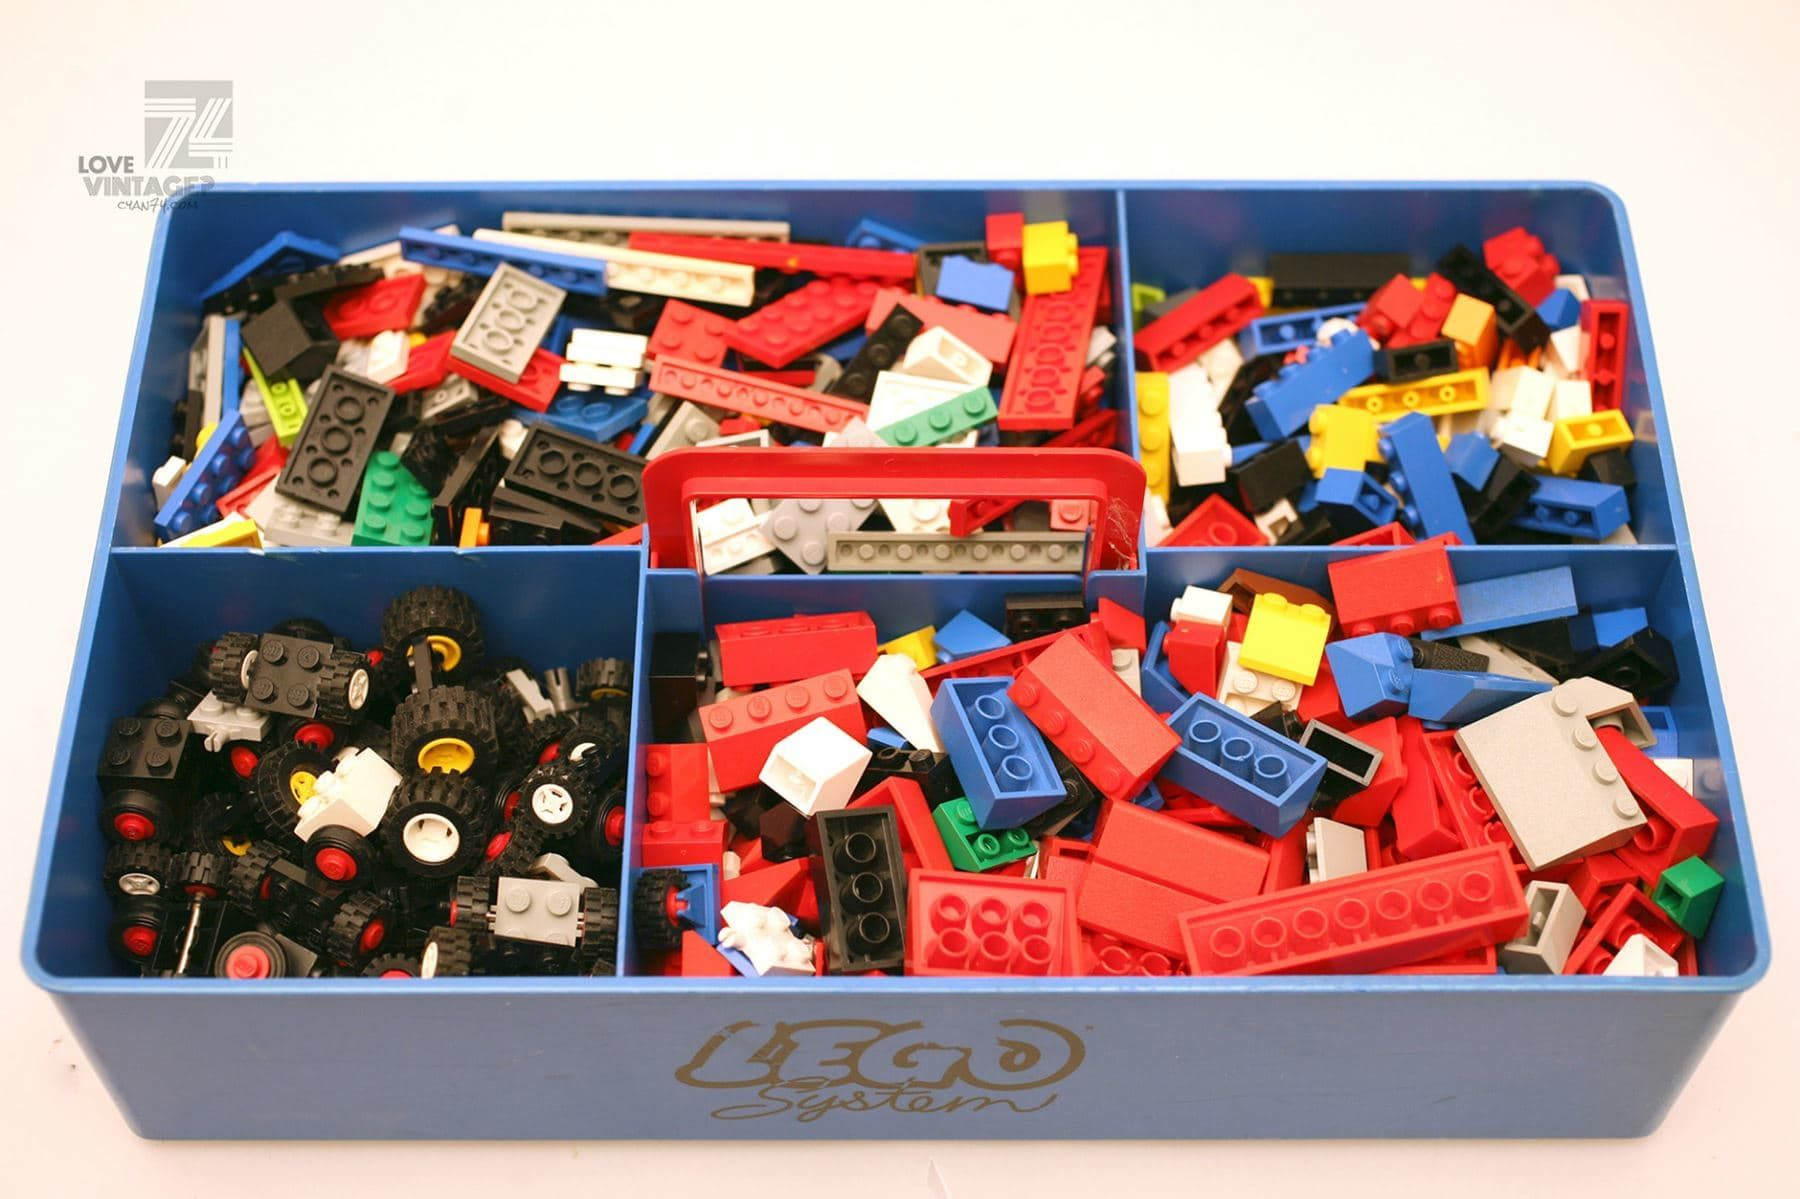 Lego Basissteine 1,5Kg - cyan74.com vintage and pop culture   SOLD